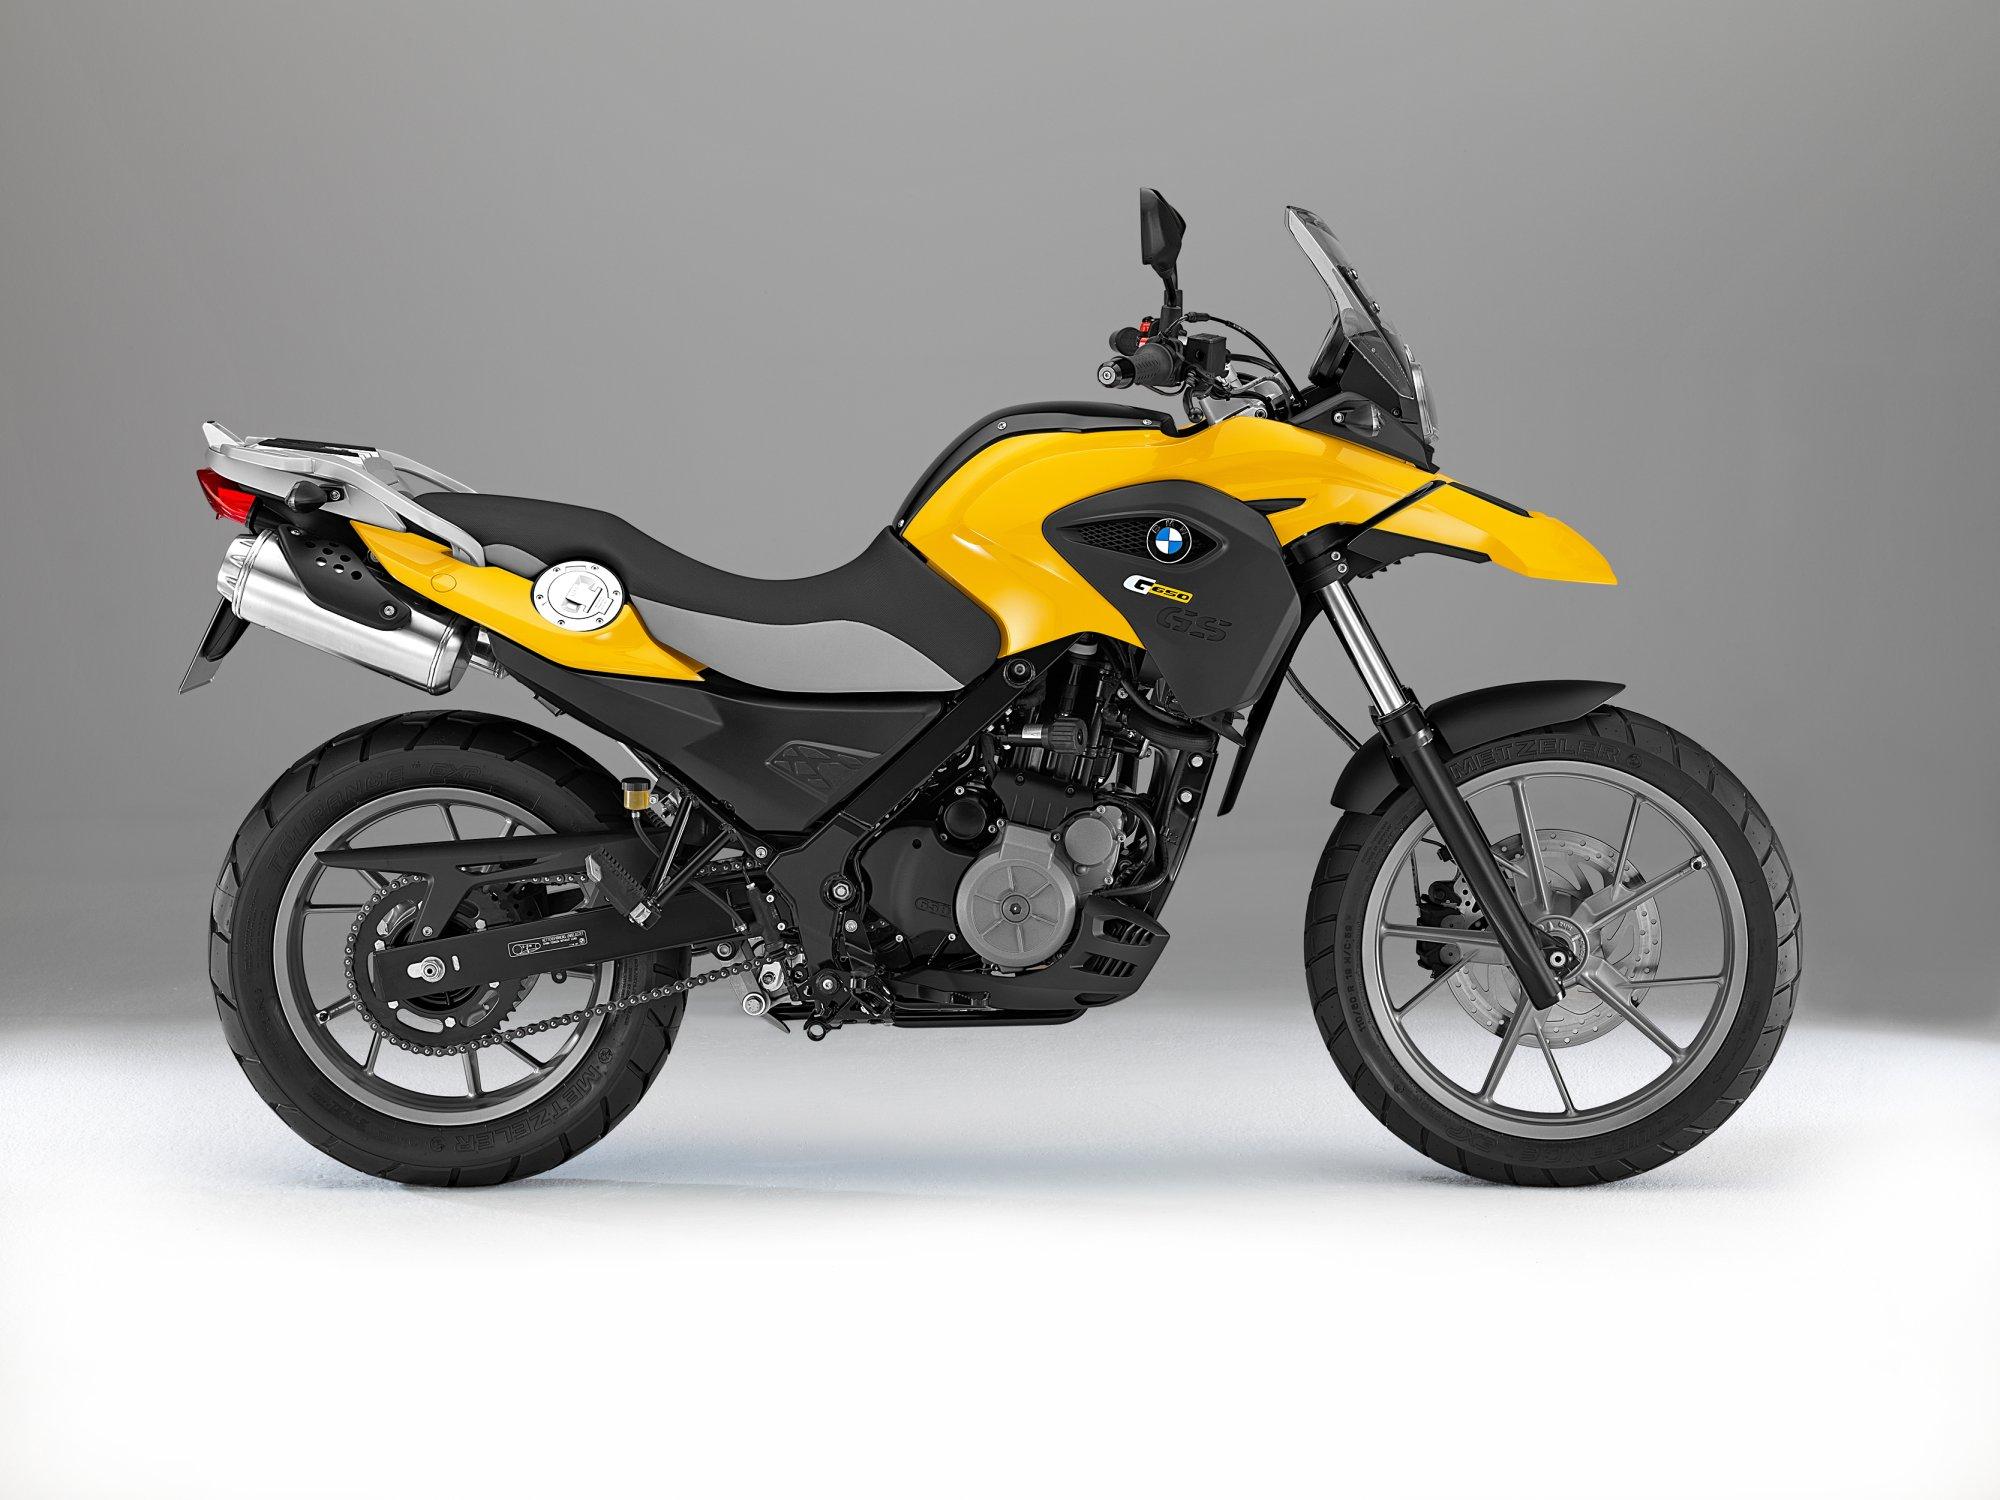 bmw g 650 gs technische daten aktuelle motorrad berichte bilder videos und gebrauchte motorr der. Black Bedroom Furniture Sets. Home Design Ideas